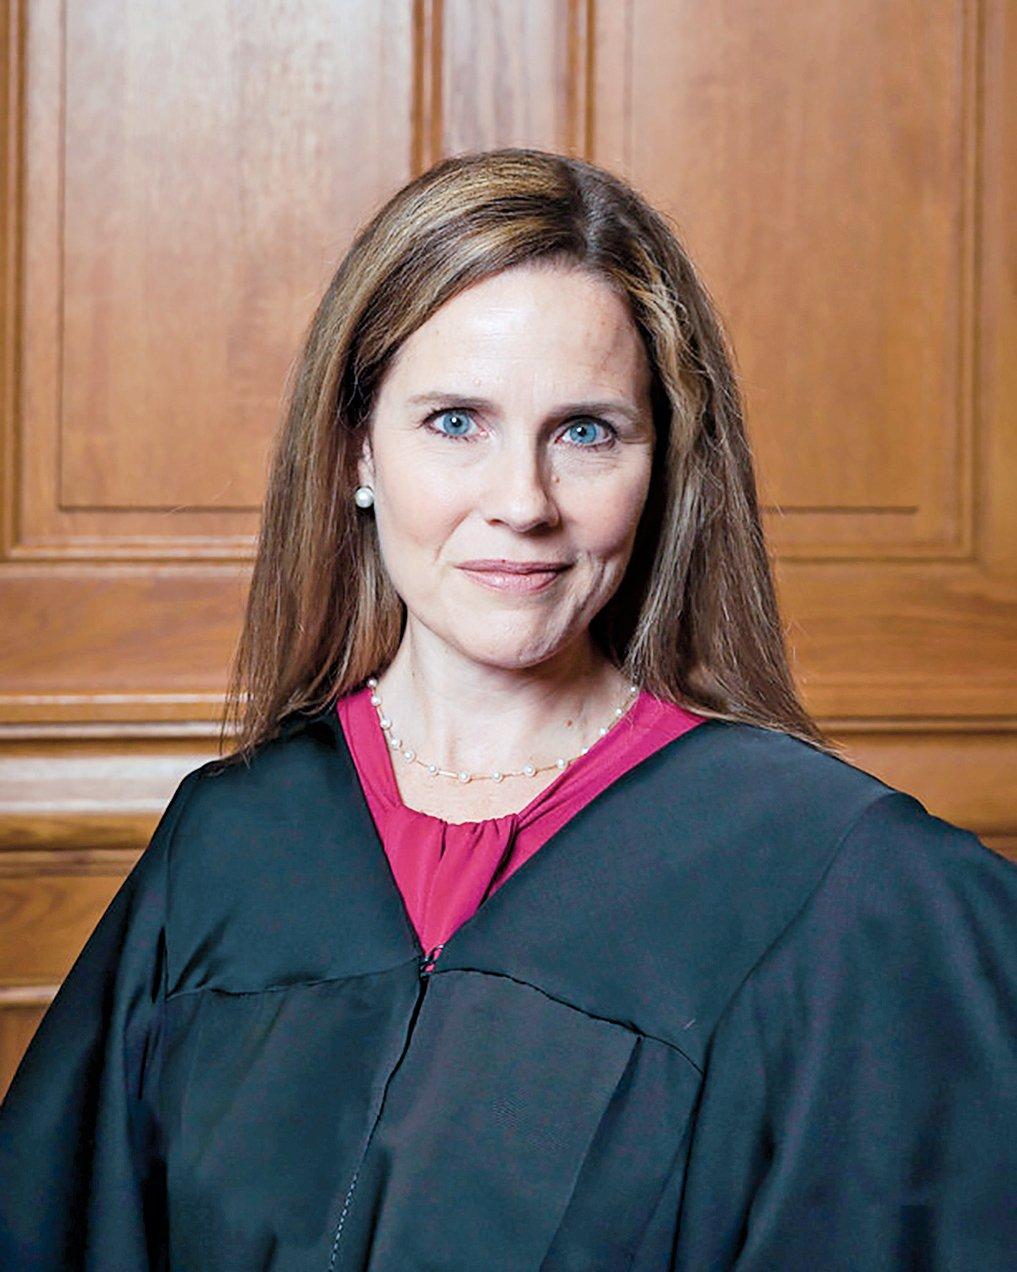 美國多家傳媒透露,總統特朗普將提名巴雷特(Amy Coney Barrett)出任聯邦最高法院大法官。(維基百科)